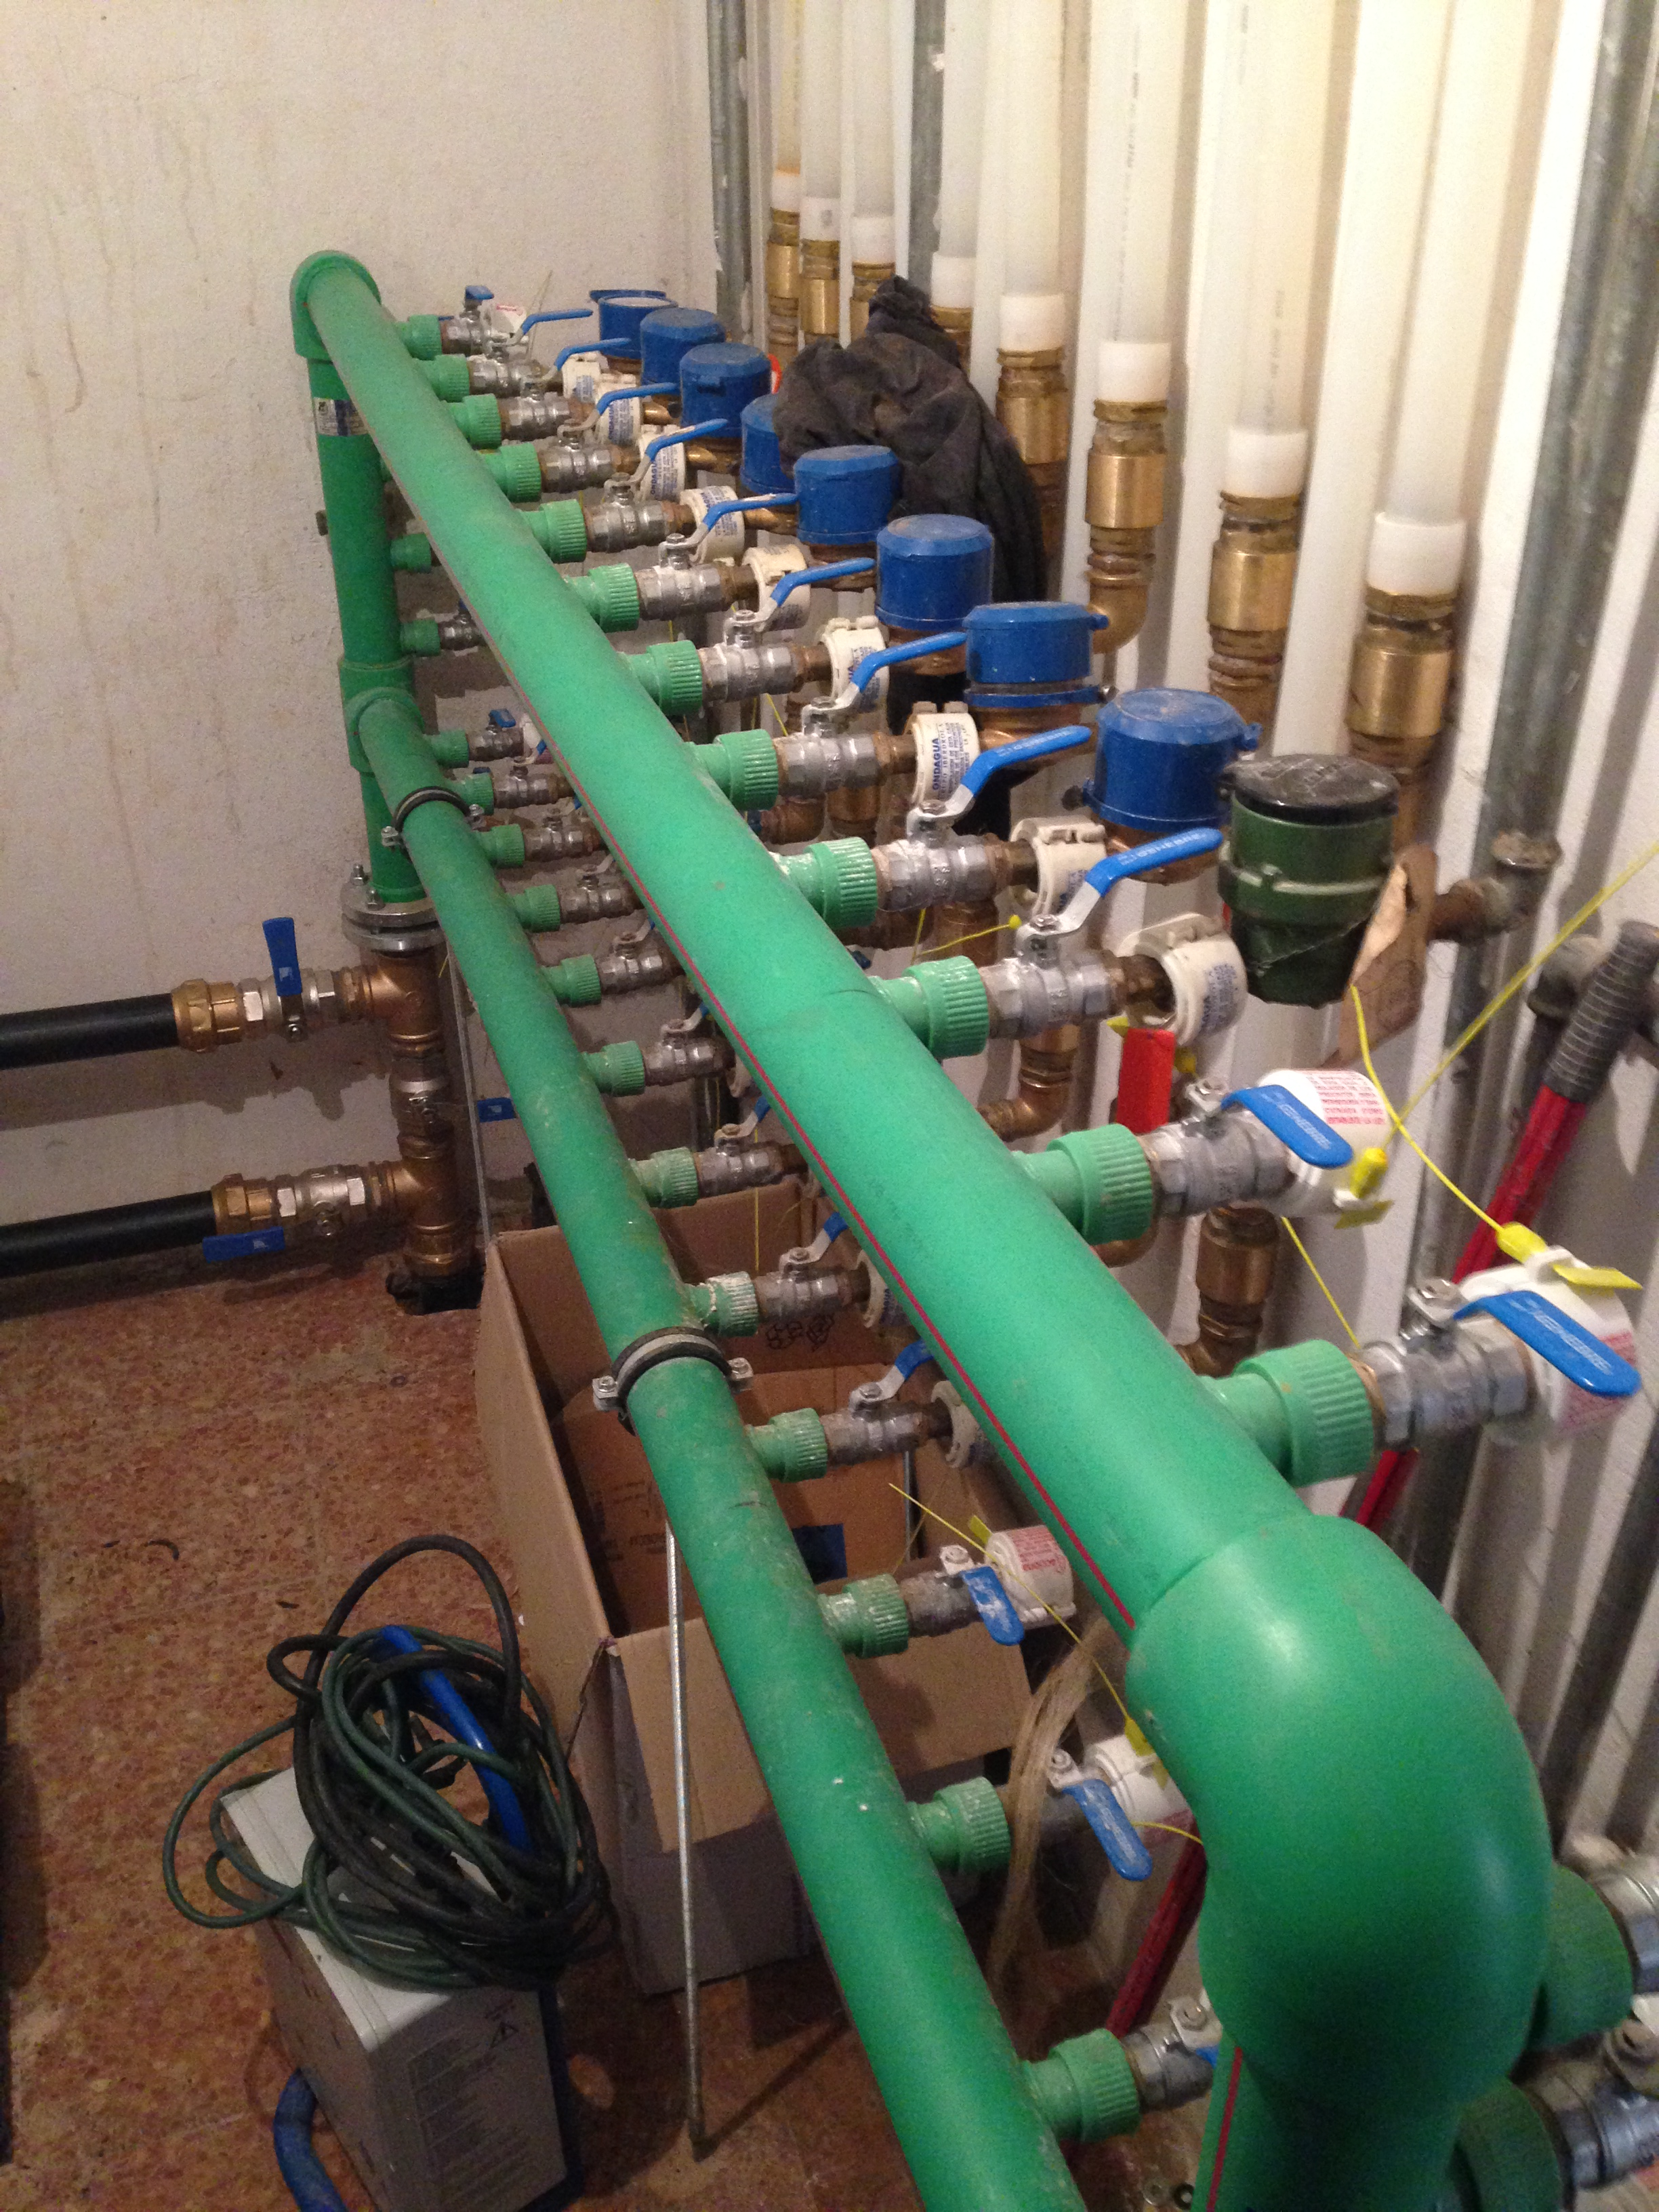 Cambio tuberias generales en edificio de Soria incluyendo bateria contadores y grupos de presión.